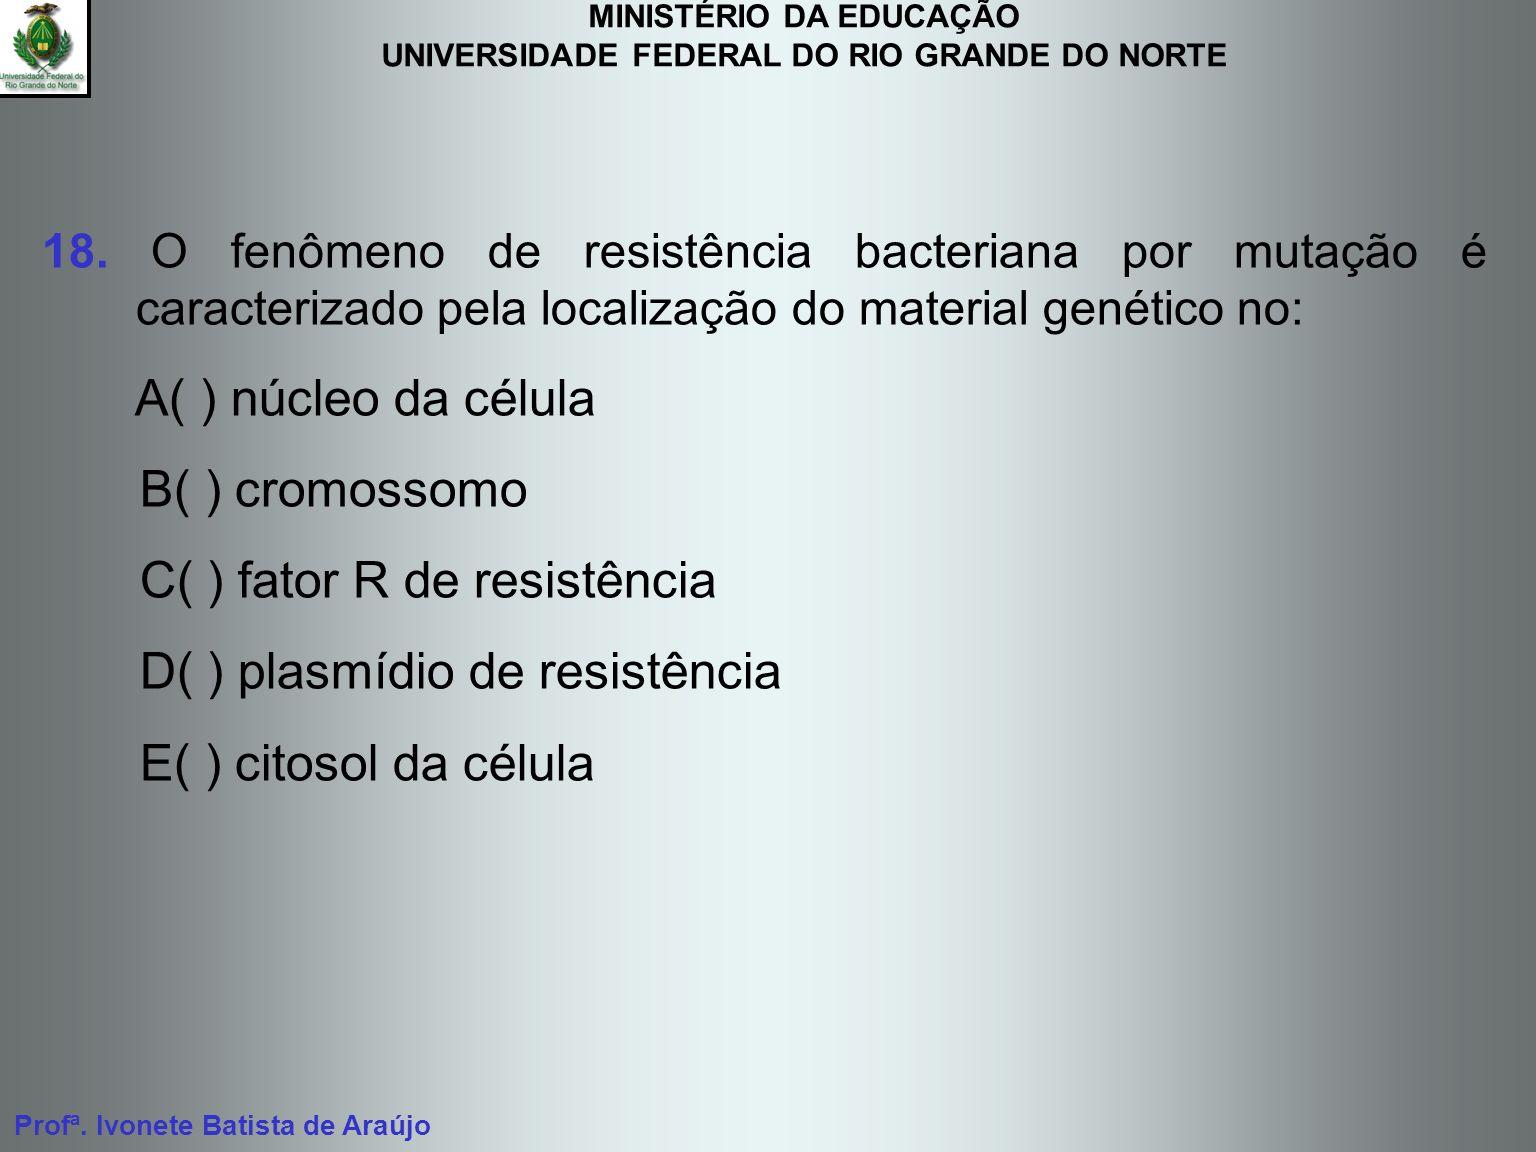 MINISTÉRIO DA EDUCAÇÃO UNIVERSIDADE FEDERAL DO RIO GRANDE DO NORTE Profª. Ivonete Batista de Araújo 18. O fenômeno de resistência bacteriana por mutaç